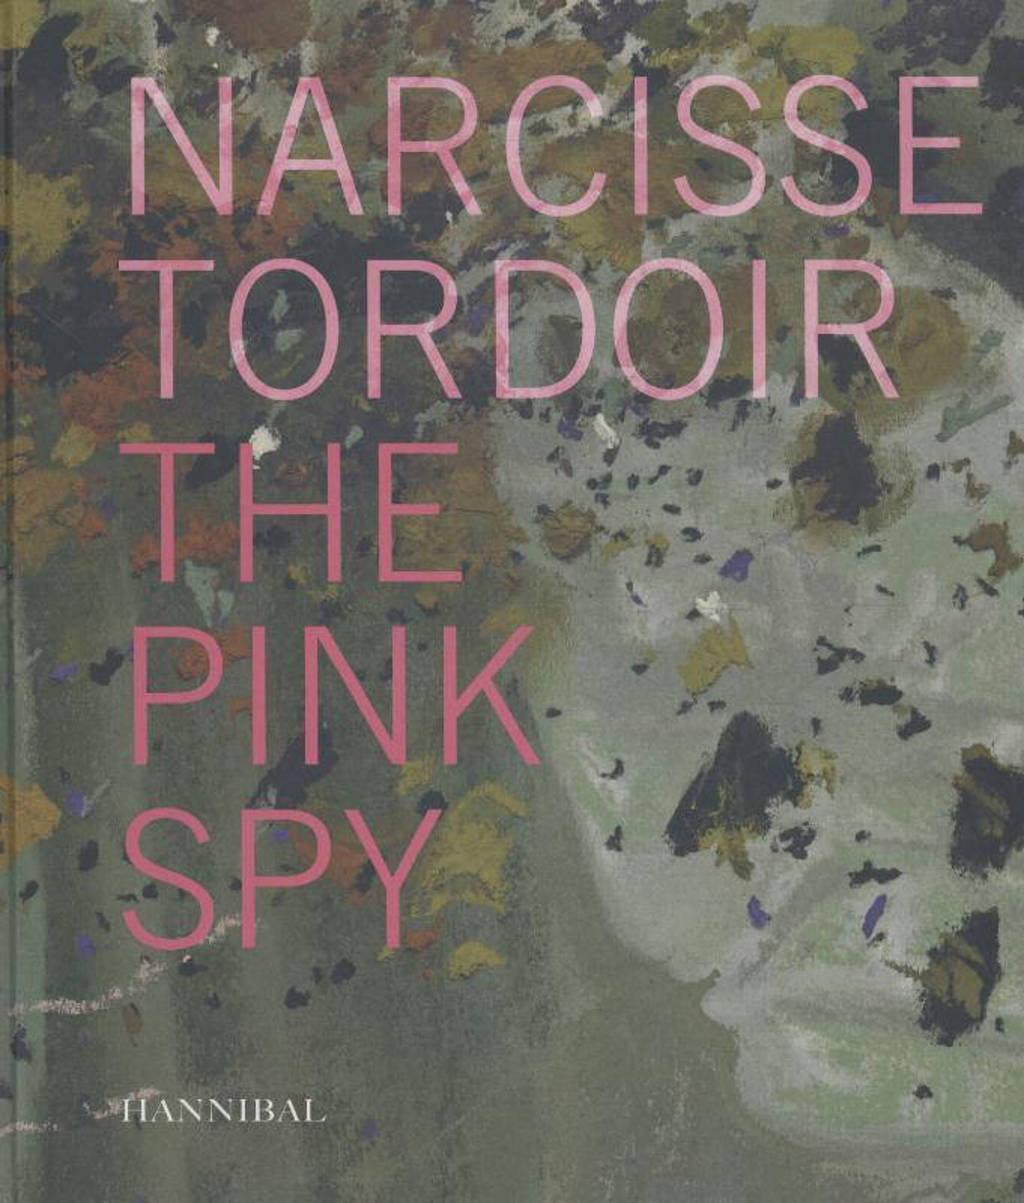 Narcisse tordoir - Bart de Baere, Gaston Meskens, Allard Schroder, e.a.